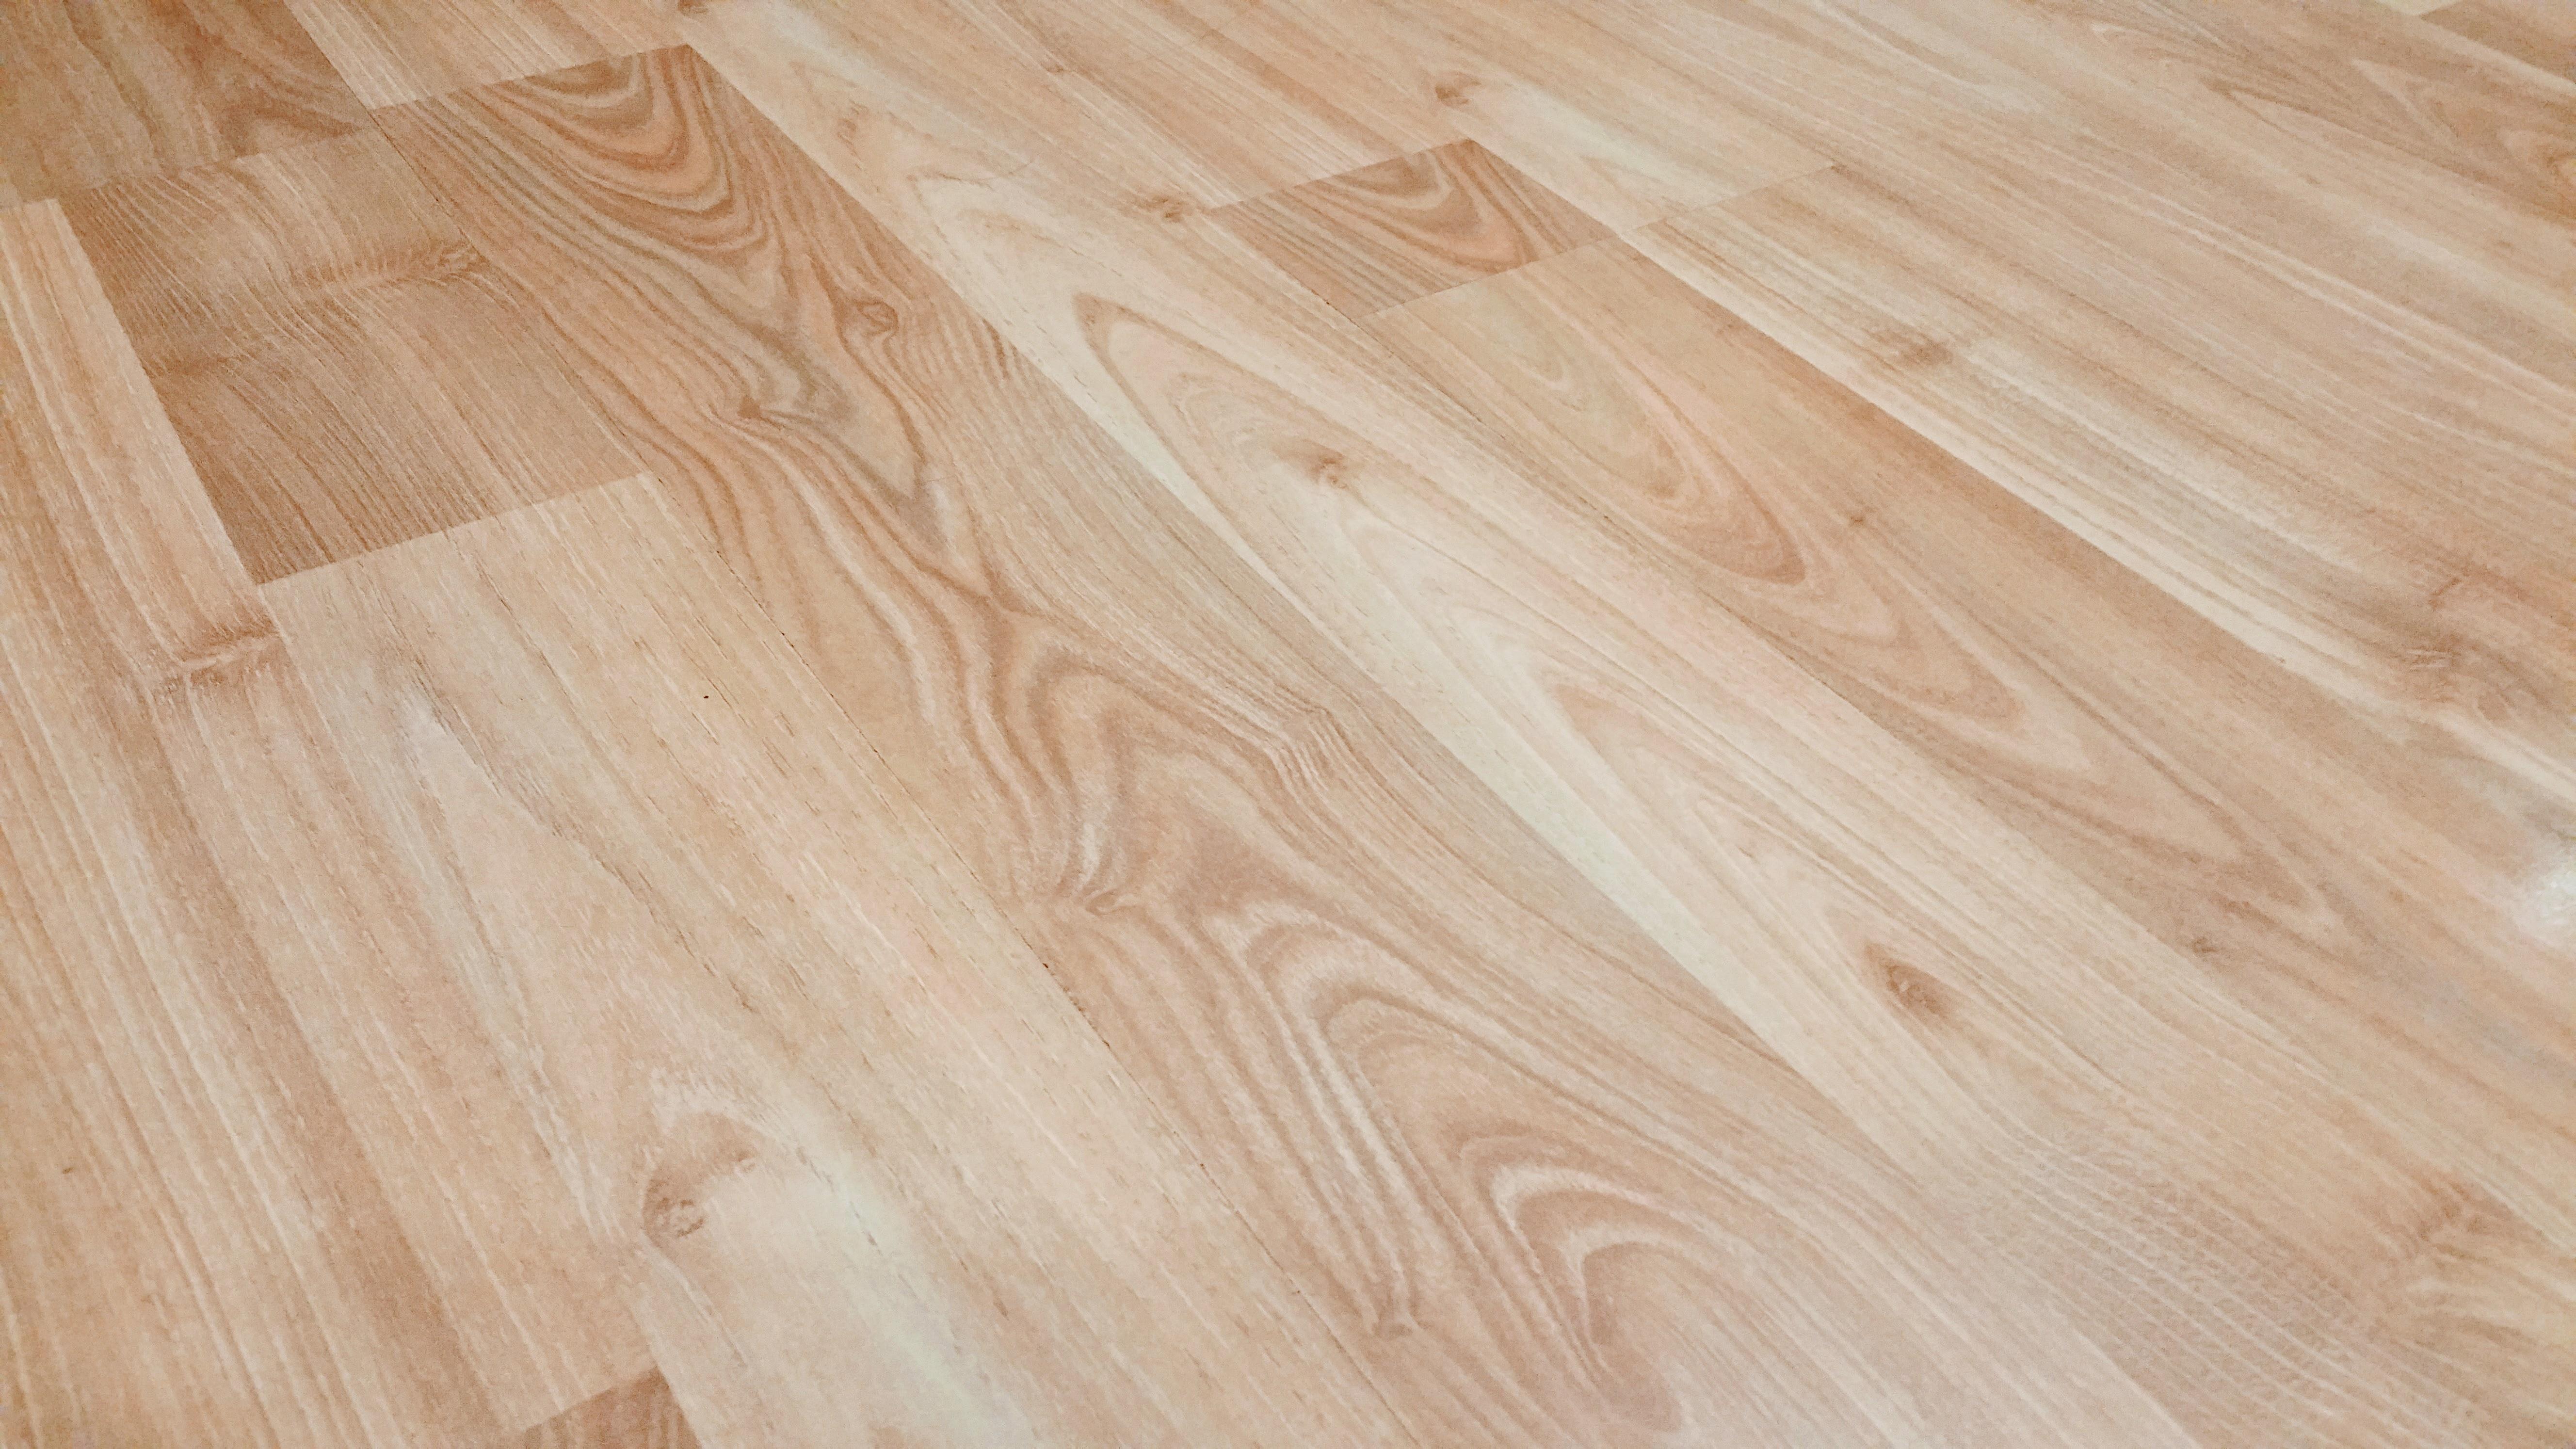 t texture nongzi floor wood wooden oak co